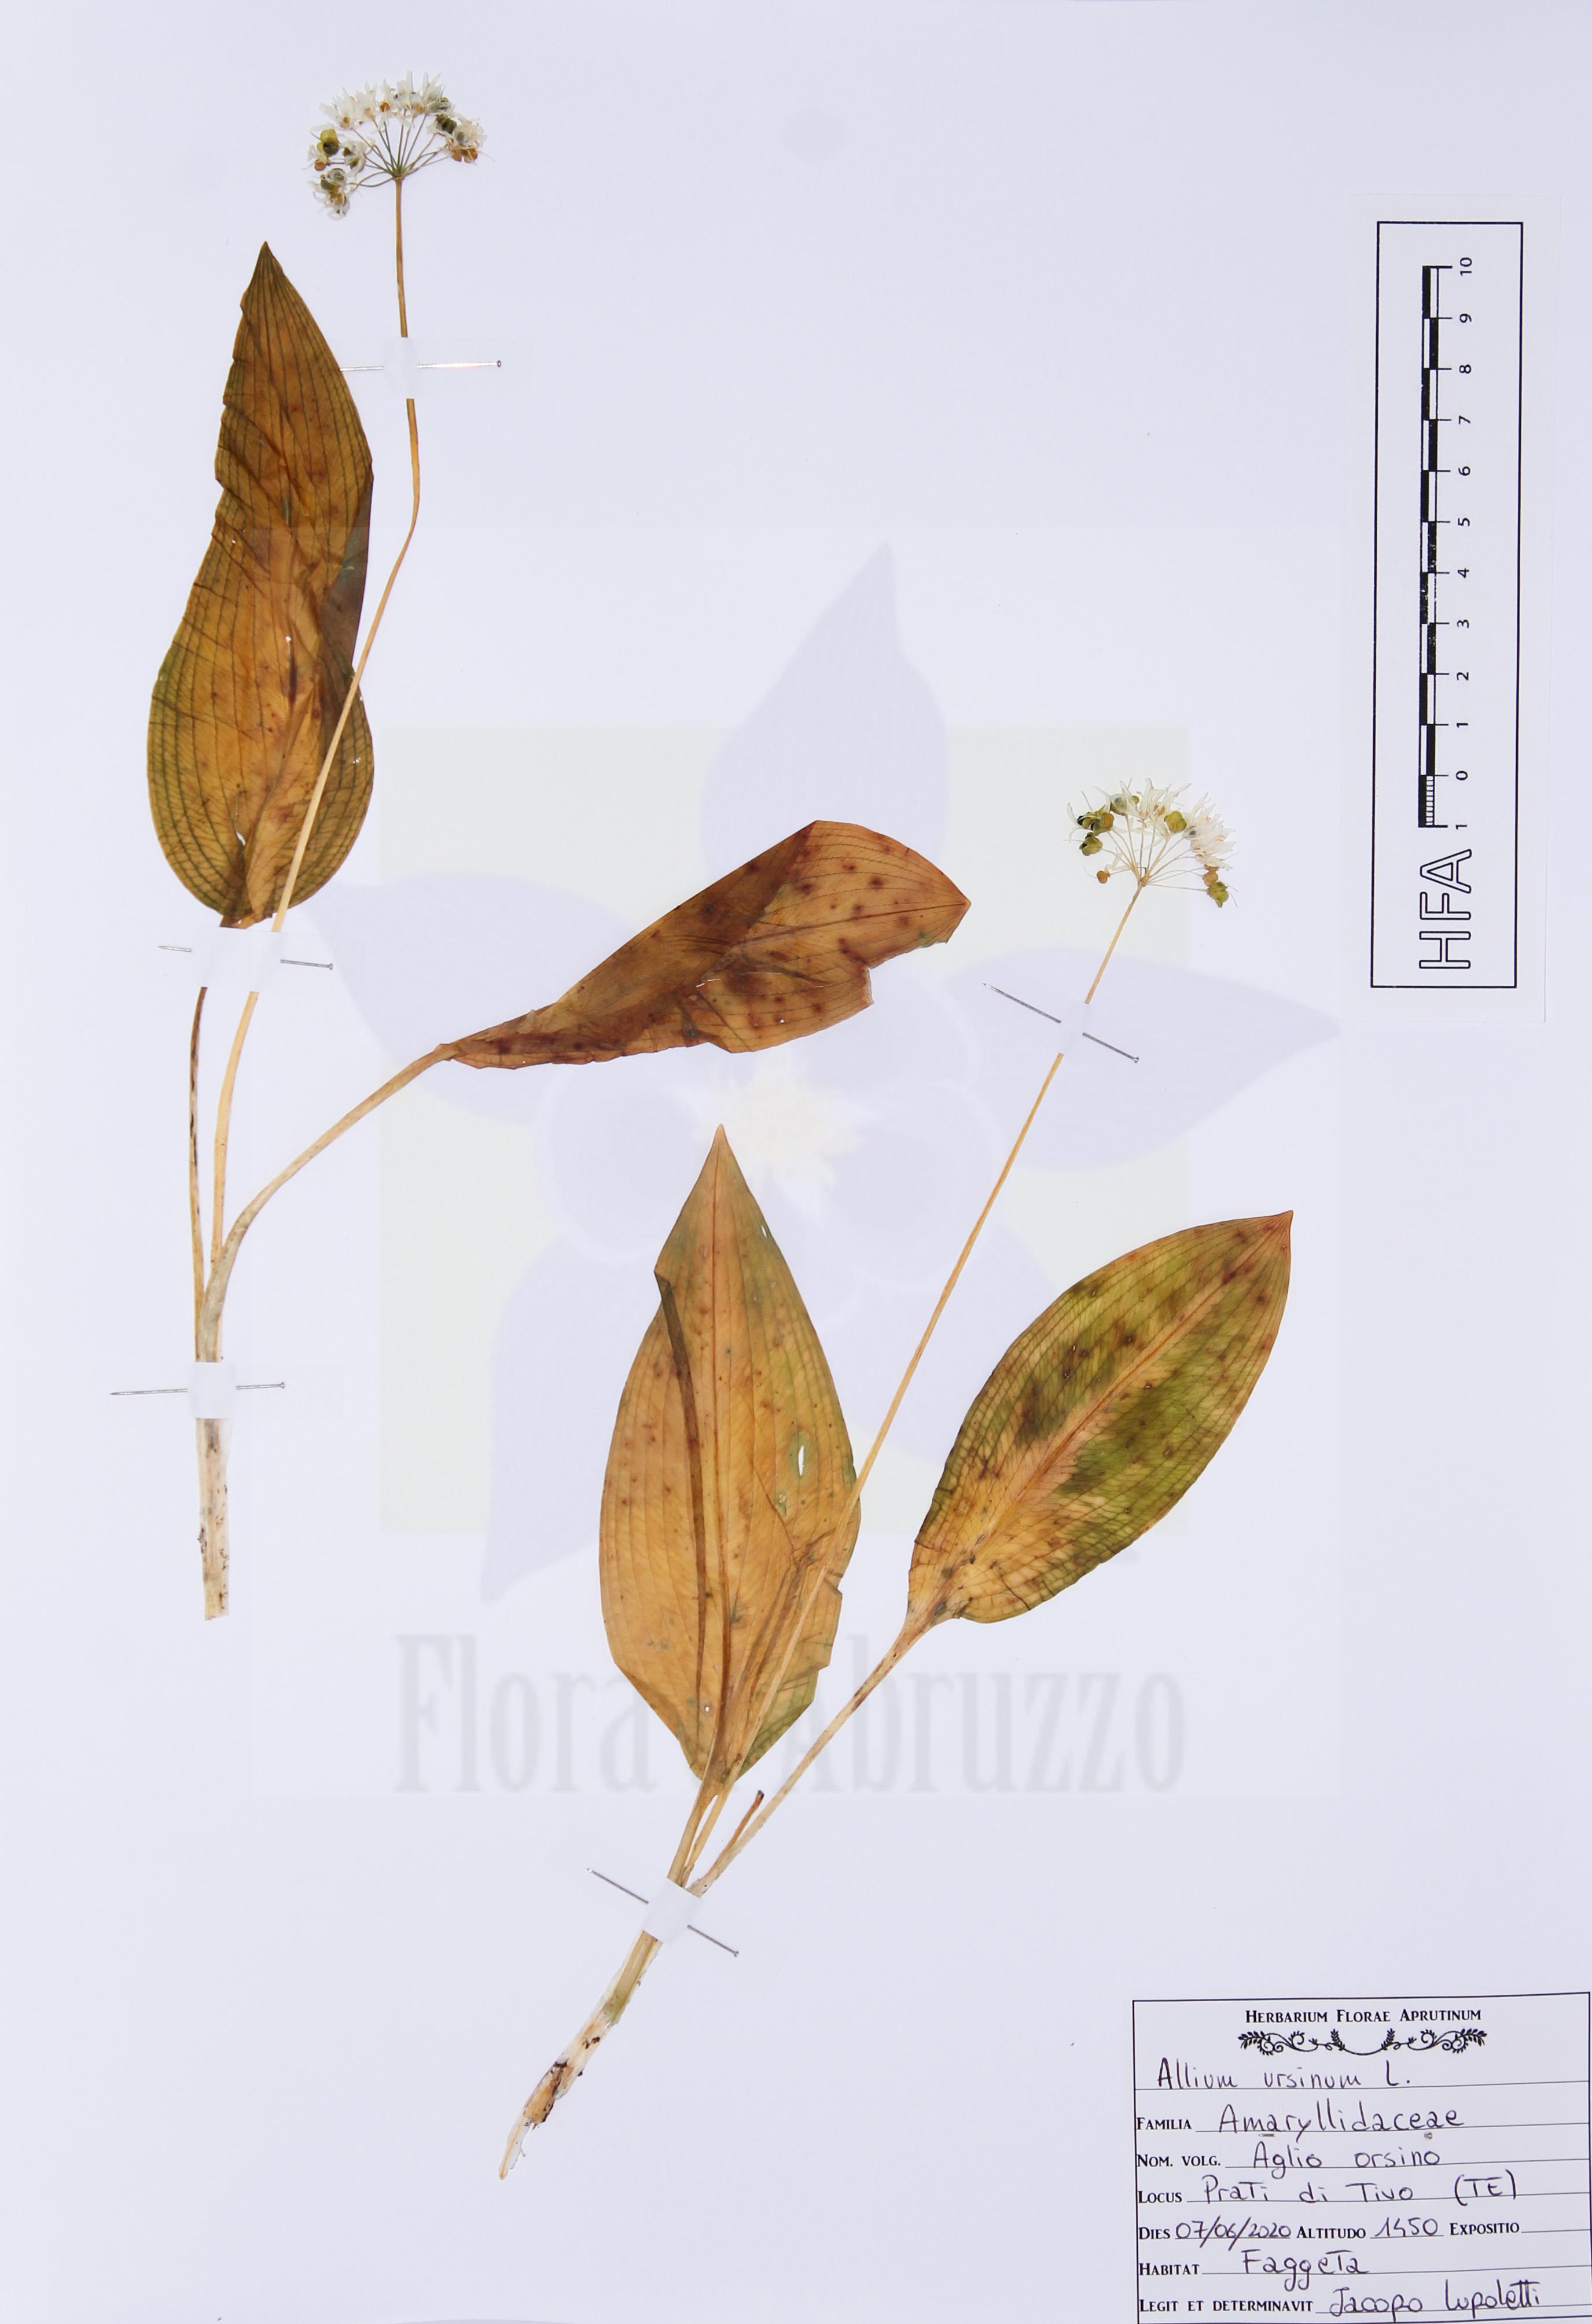 Allium ursinumL.